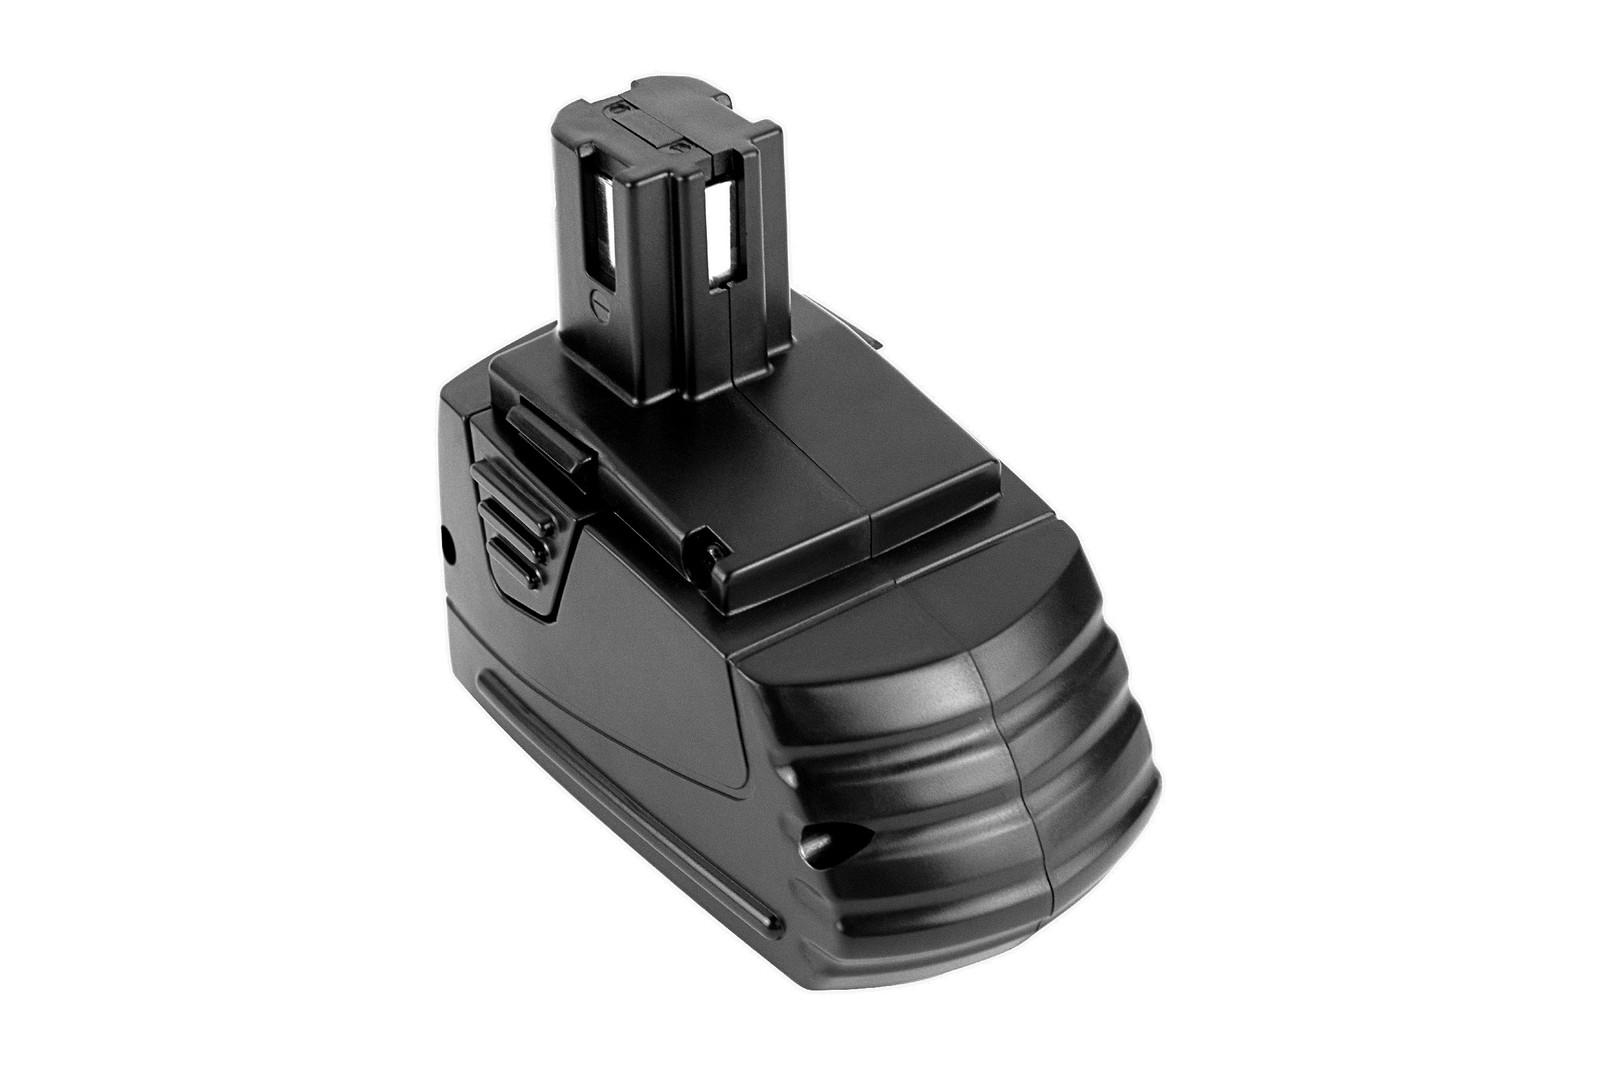 Batterie Hilti SFB SFB121 126 SF121-A - 12V 3000mAh NIMH(compatible)